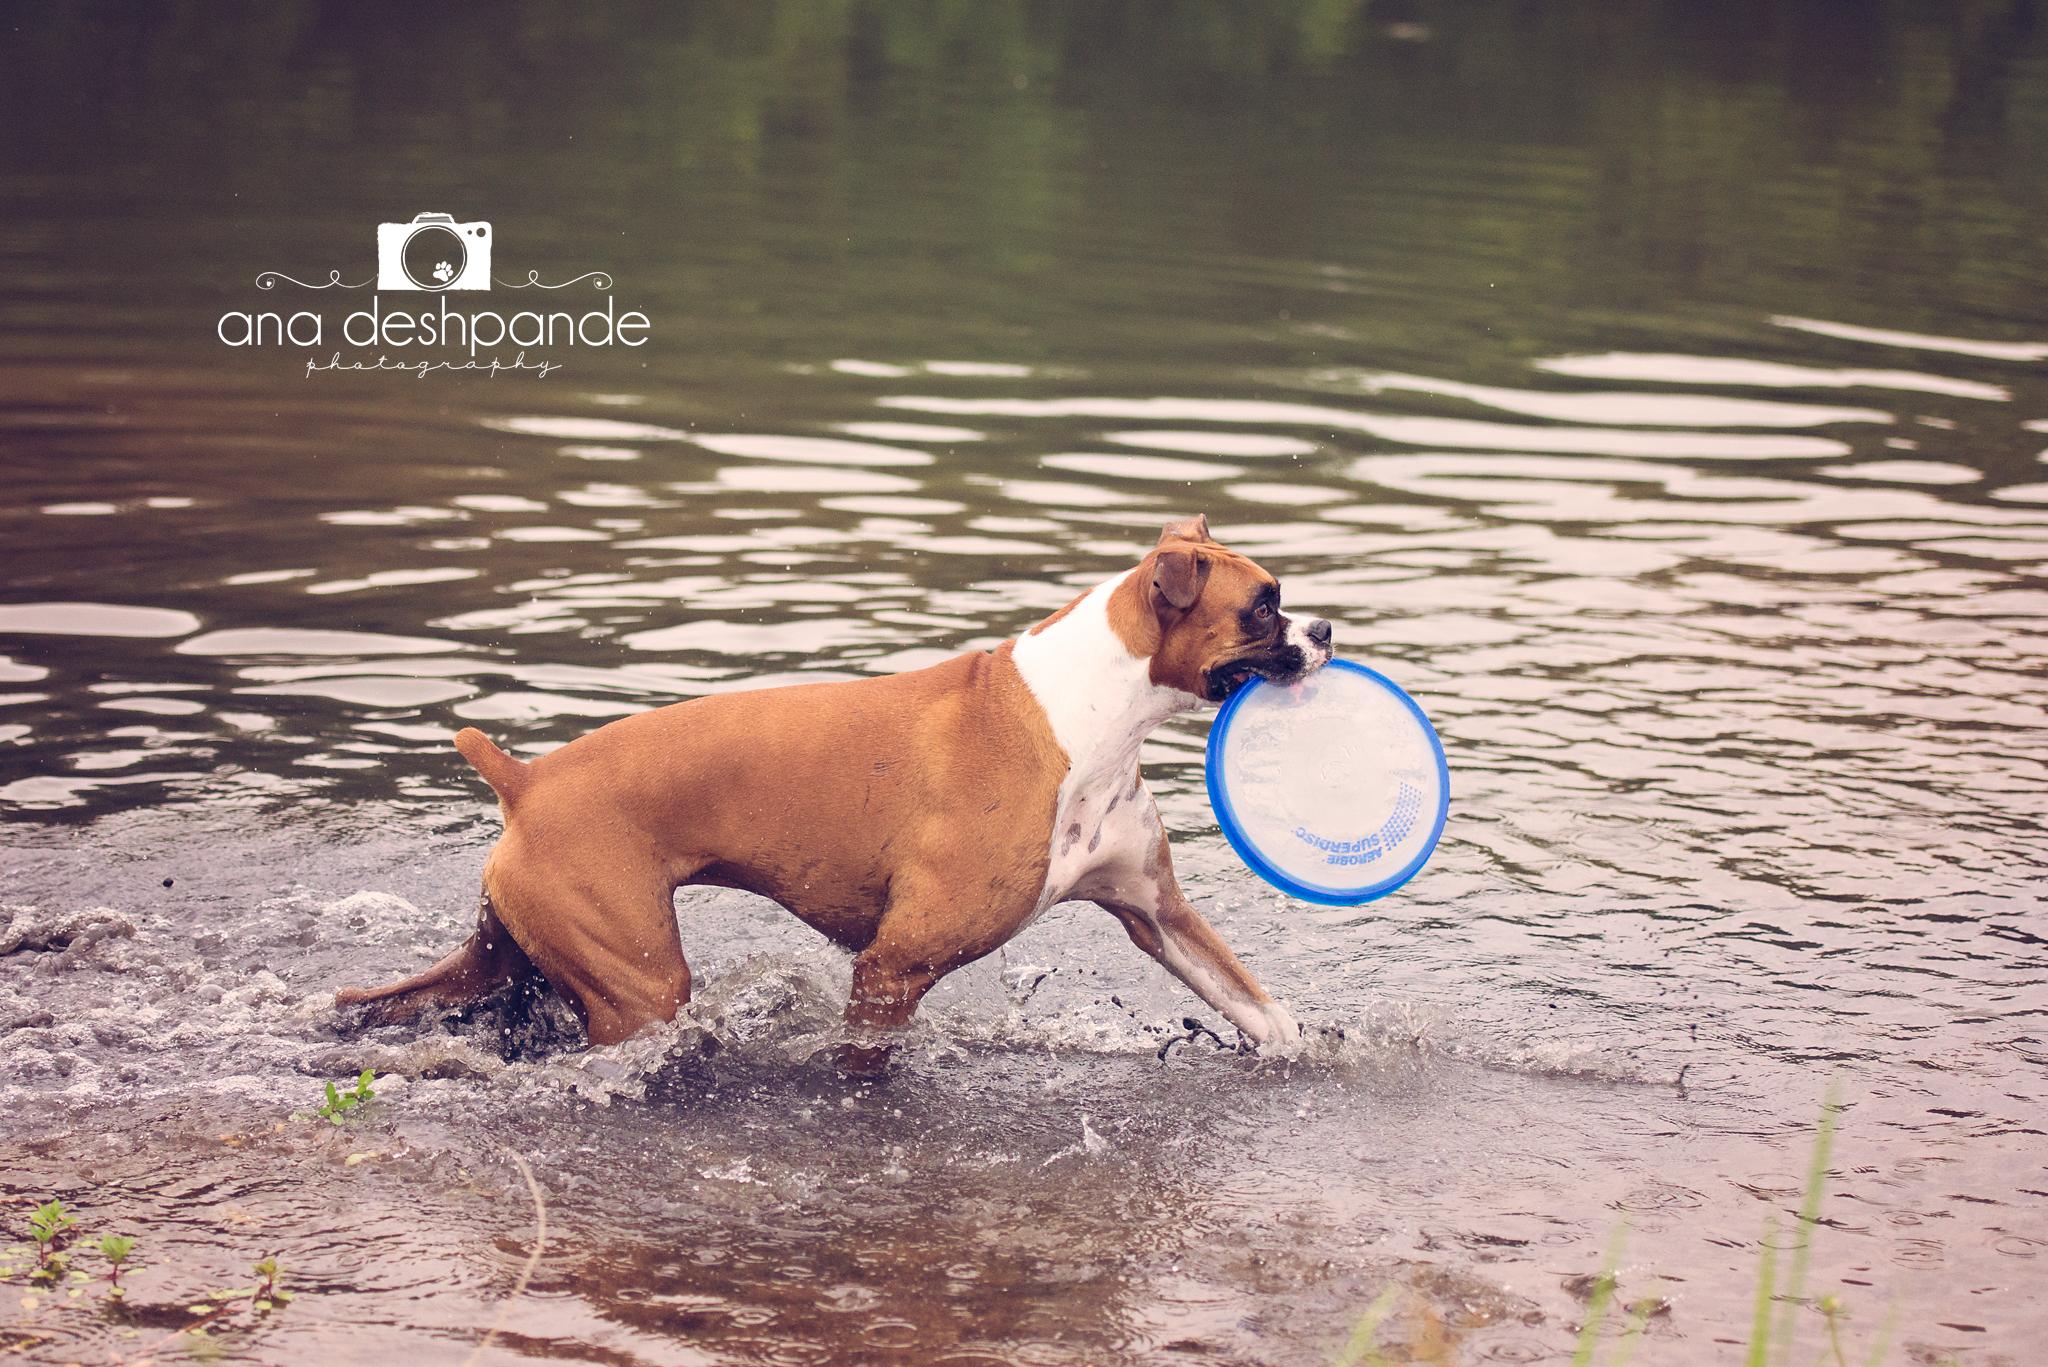 Wherever I go, the frisbee goes.